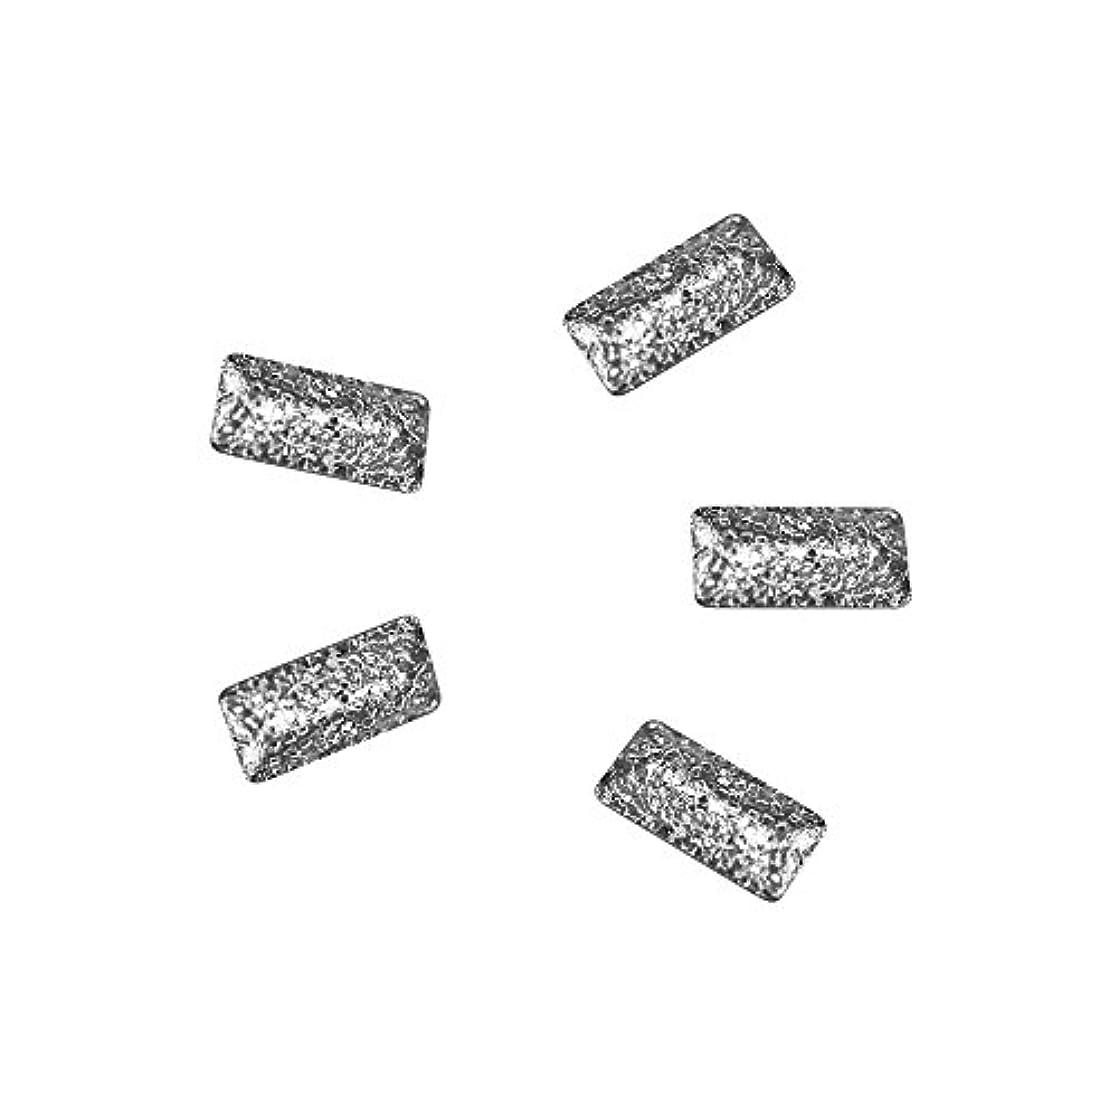 Bonnail ラフスタッズシルバー レクタングル3×1.2mm